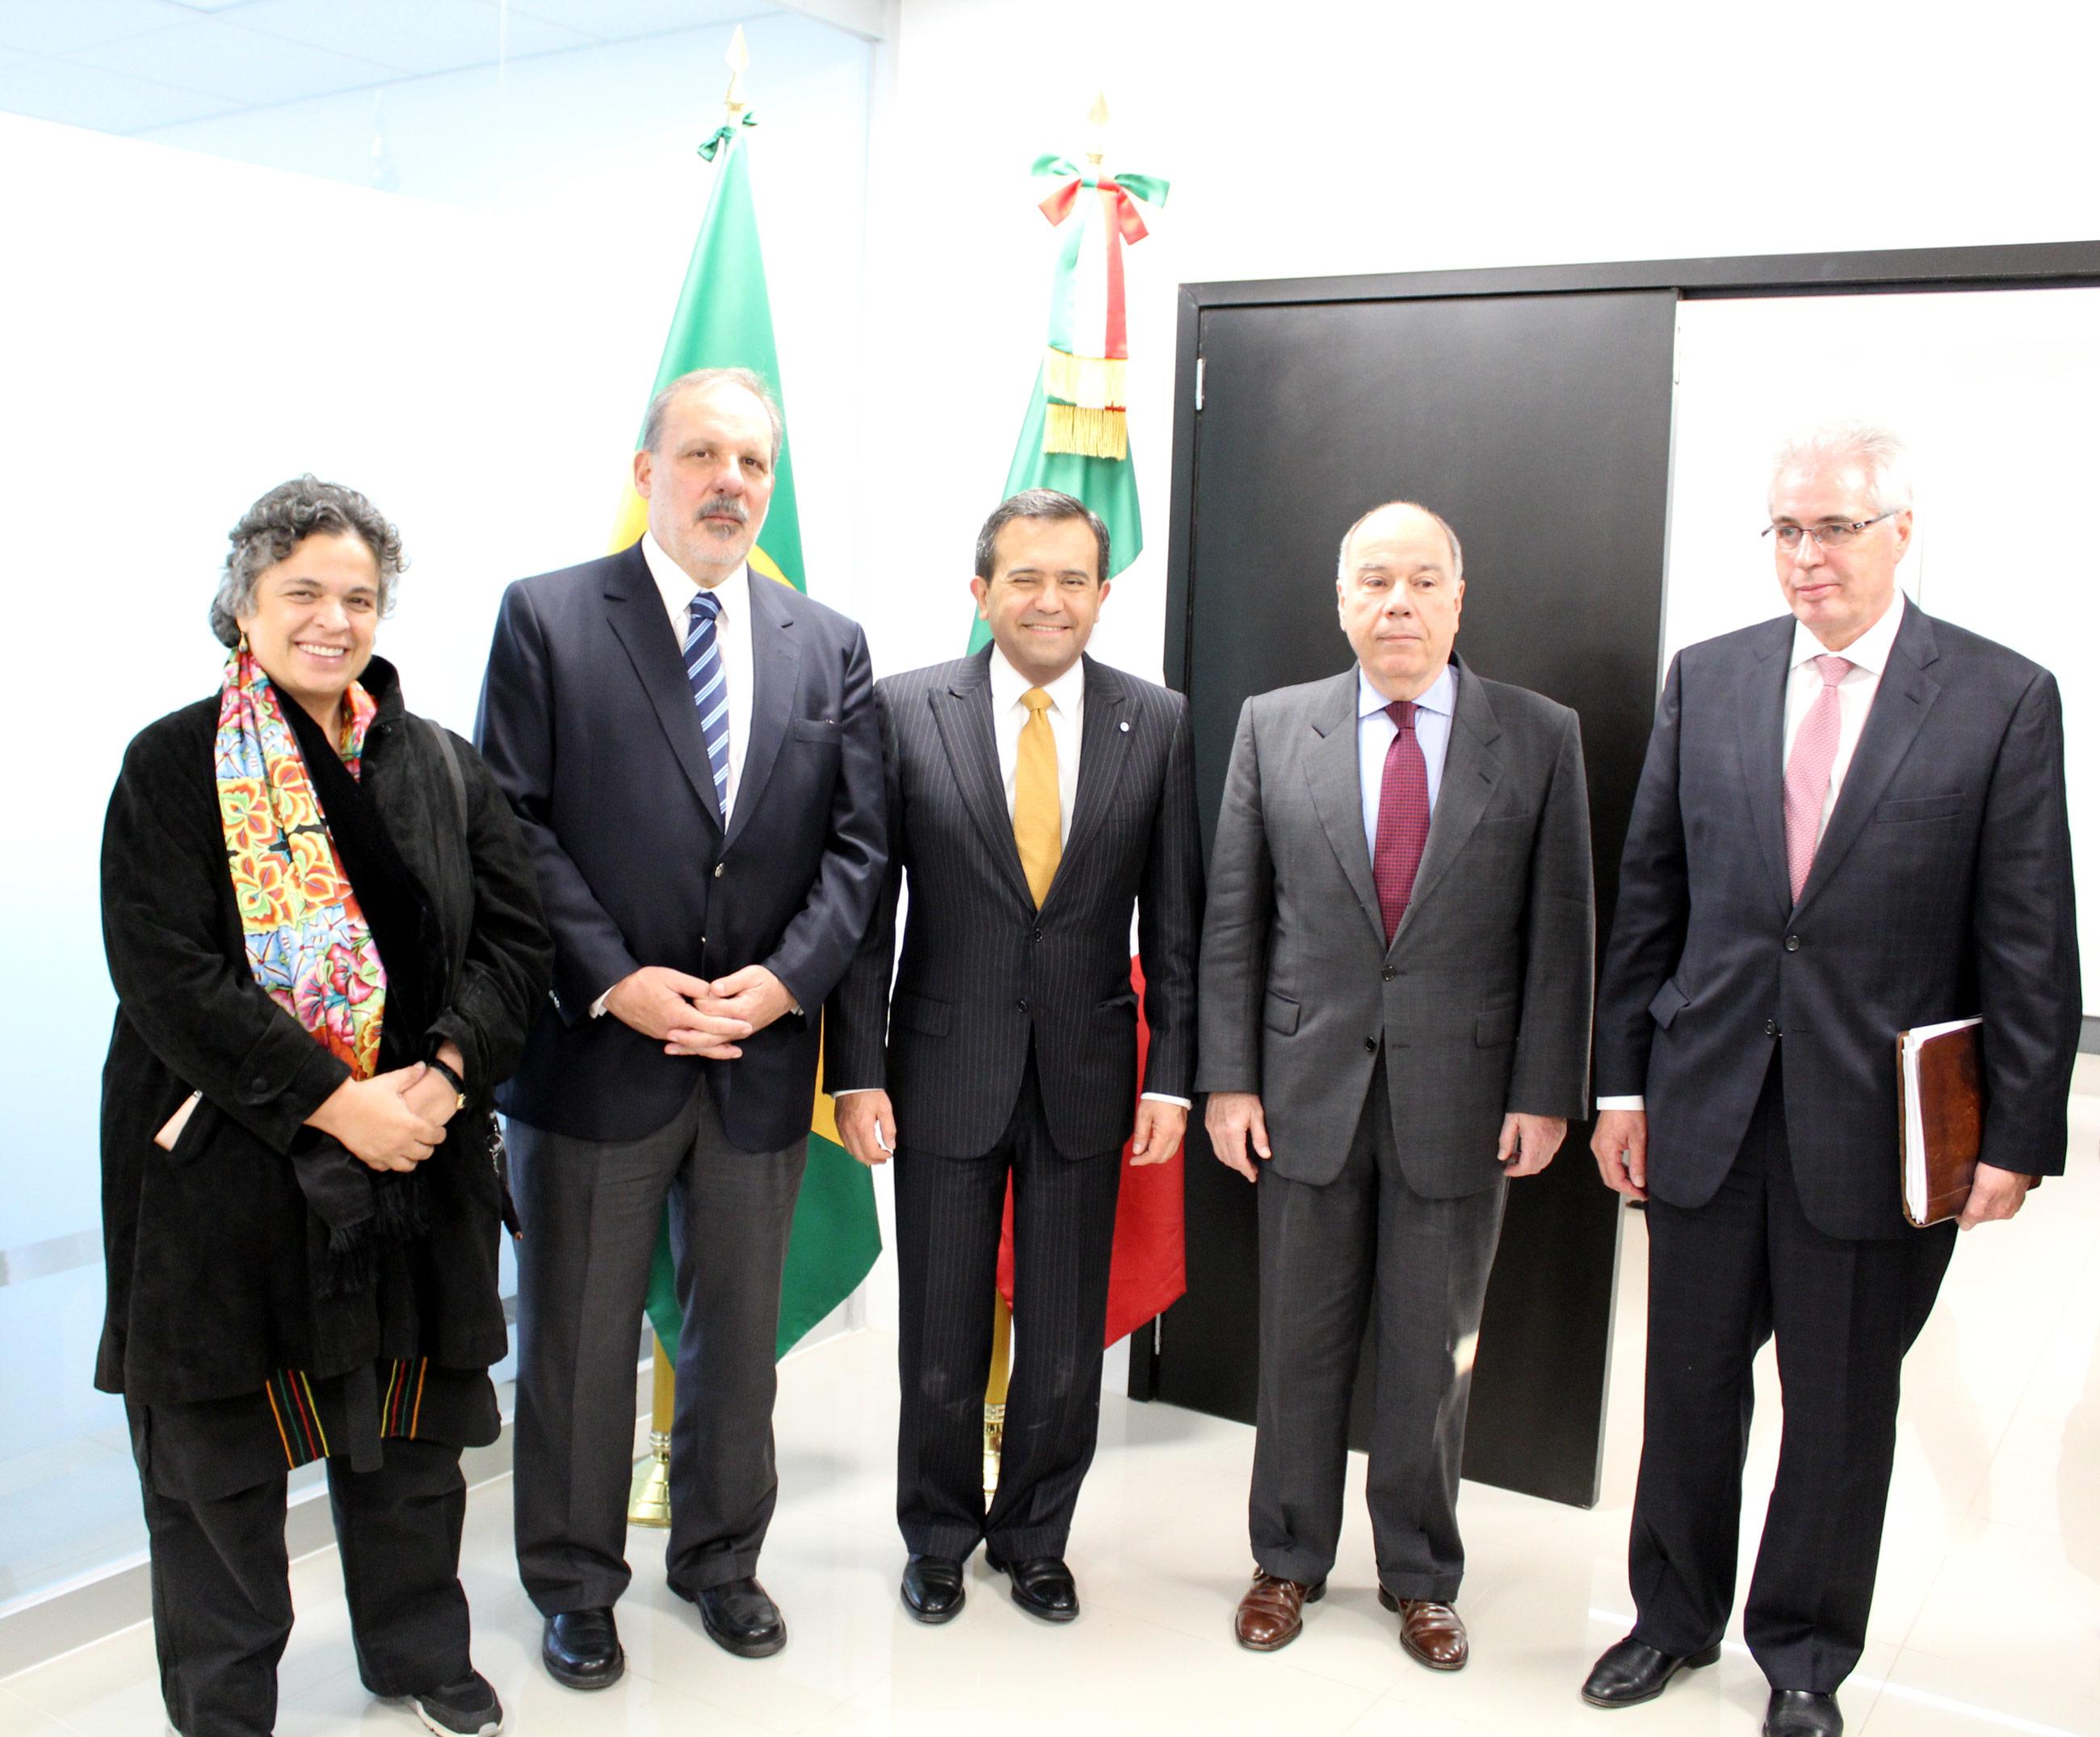 Concluye negociación del Acuerdo entre México y Brasil para el reconocimiento mutuo del Tequila y de la Cachaça como Indicaciones Geográficas y Productos Distintivos